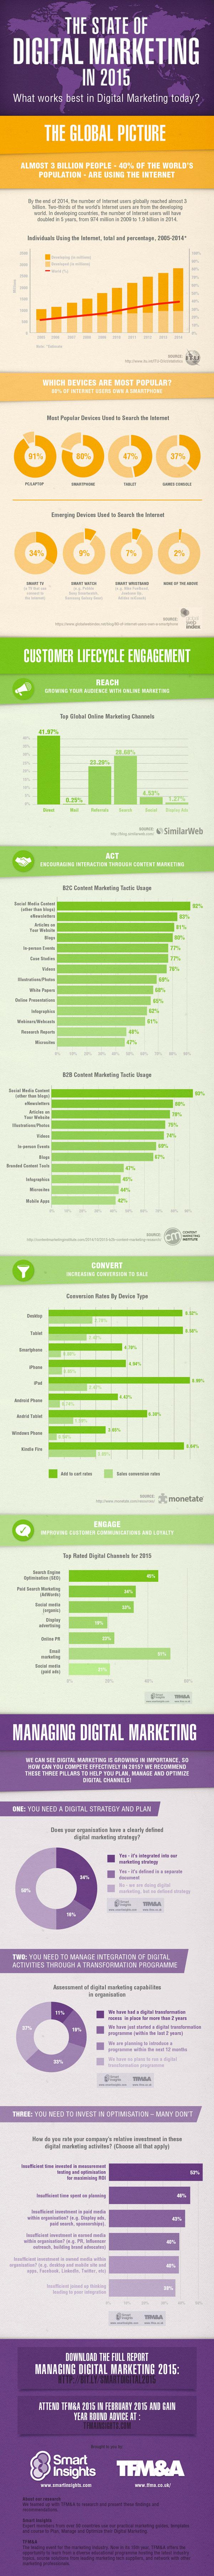 estado-marketing-digital-infografia